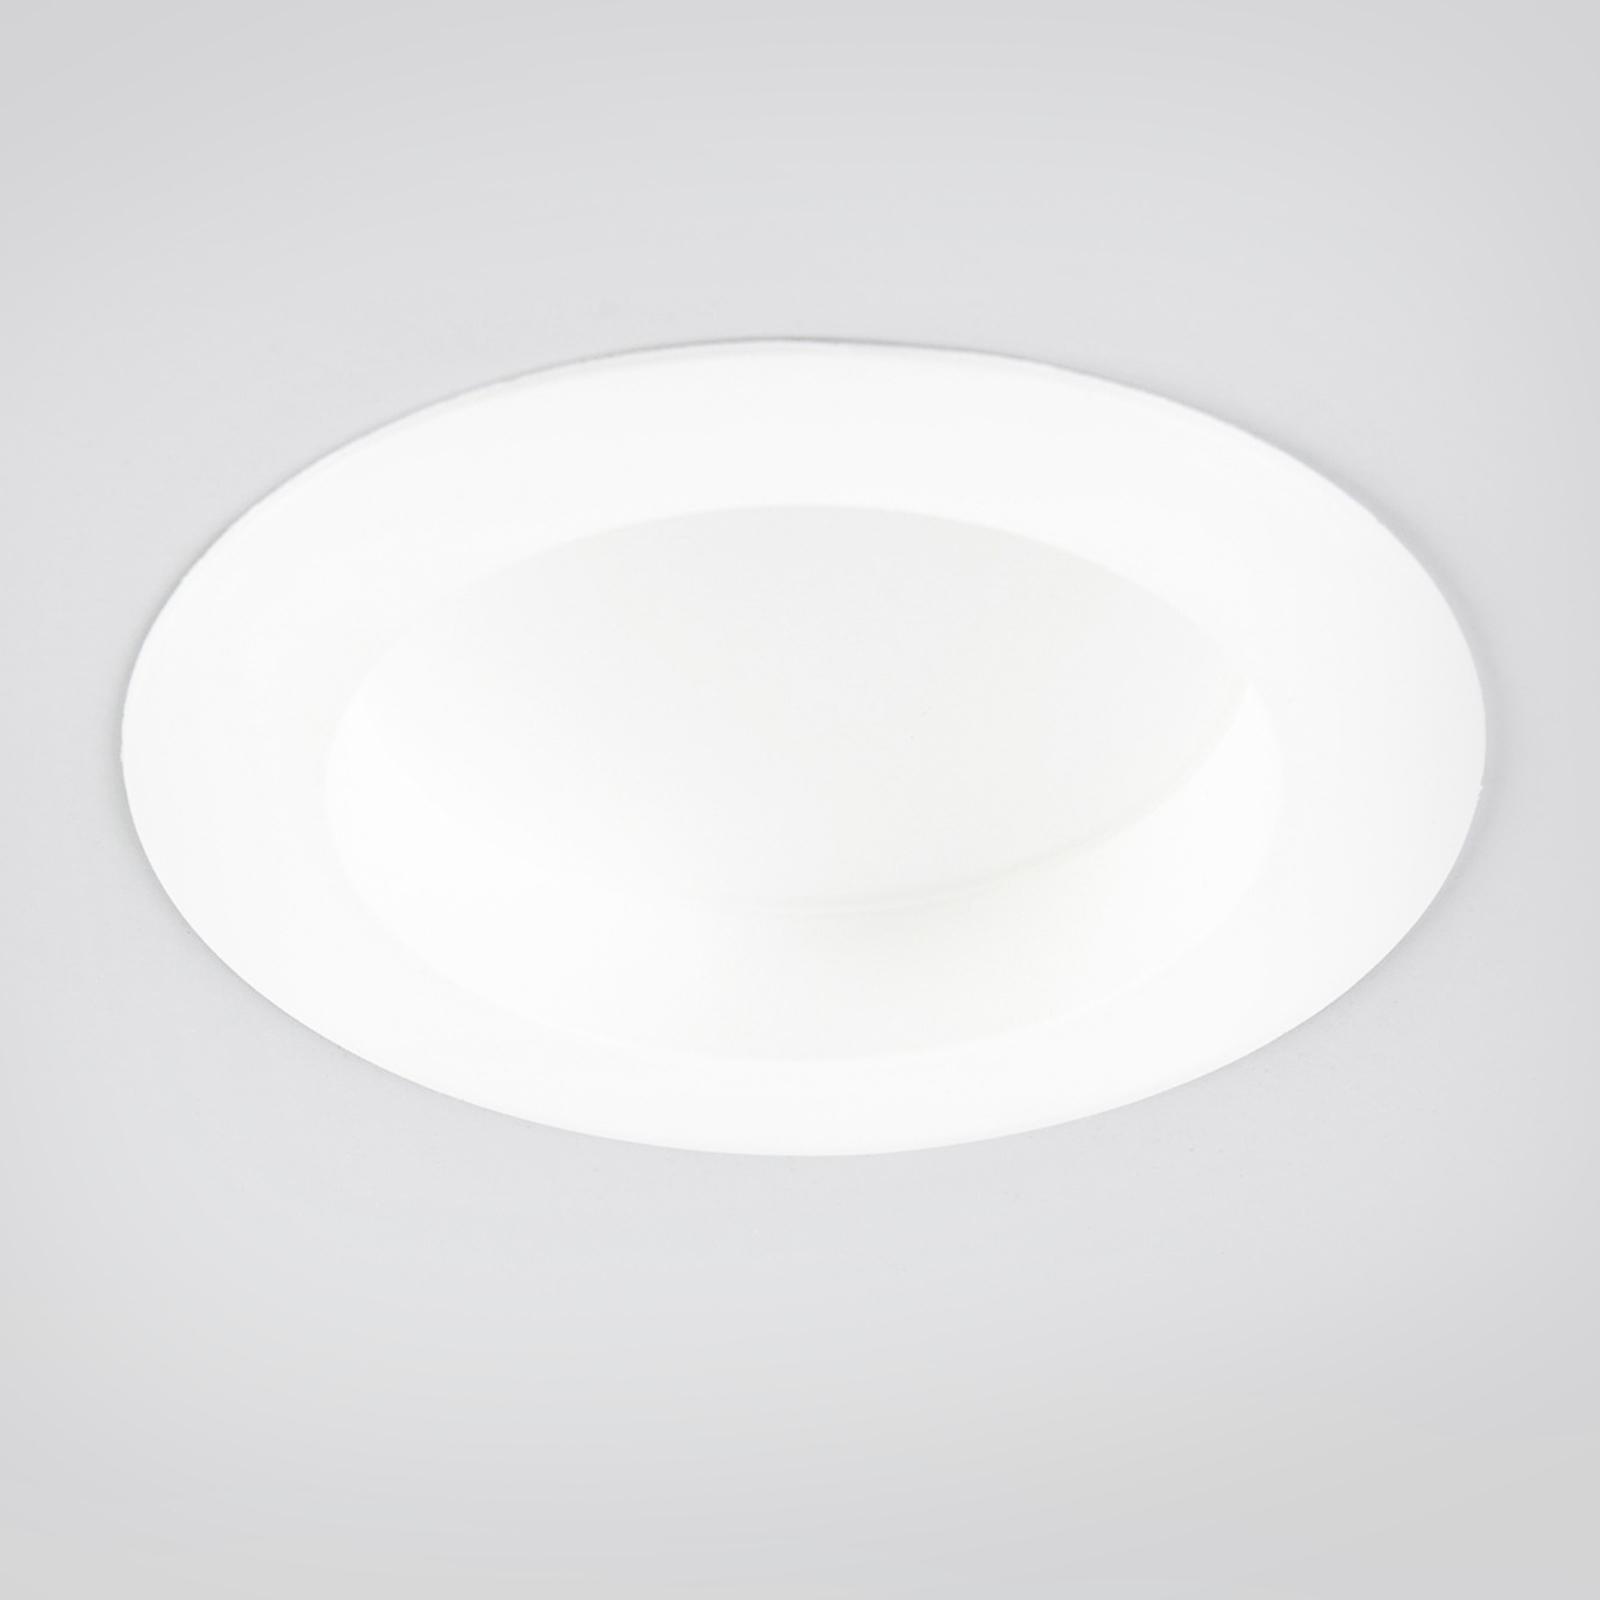 Kulaté LED podhledové svítidlo Arian, 9,2 cm, 6 W